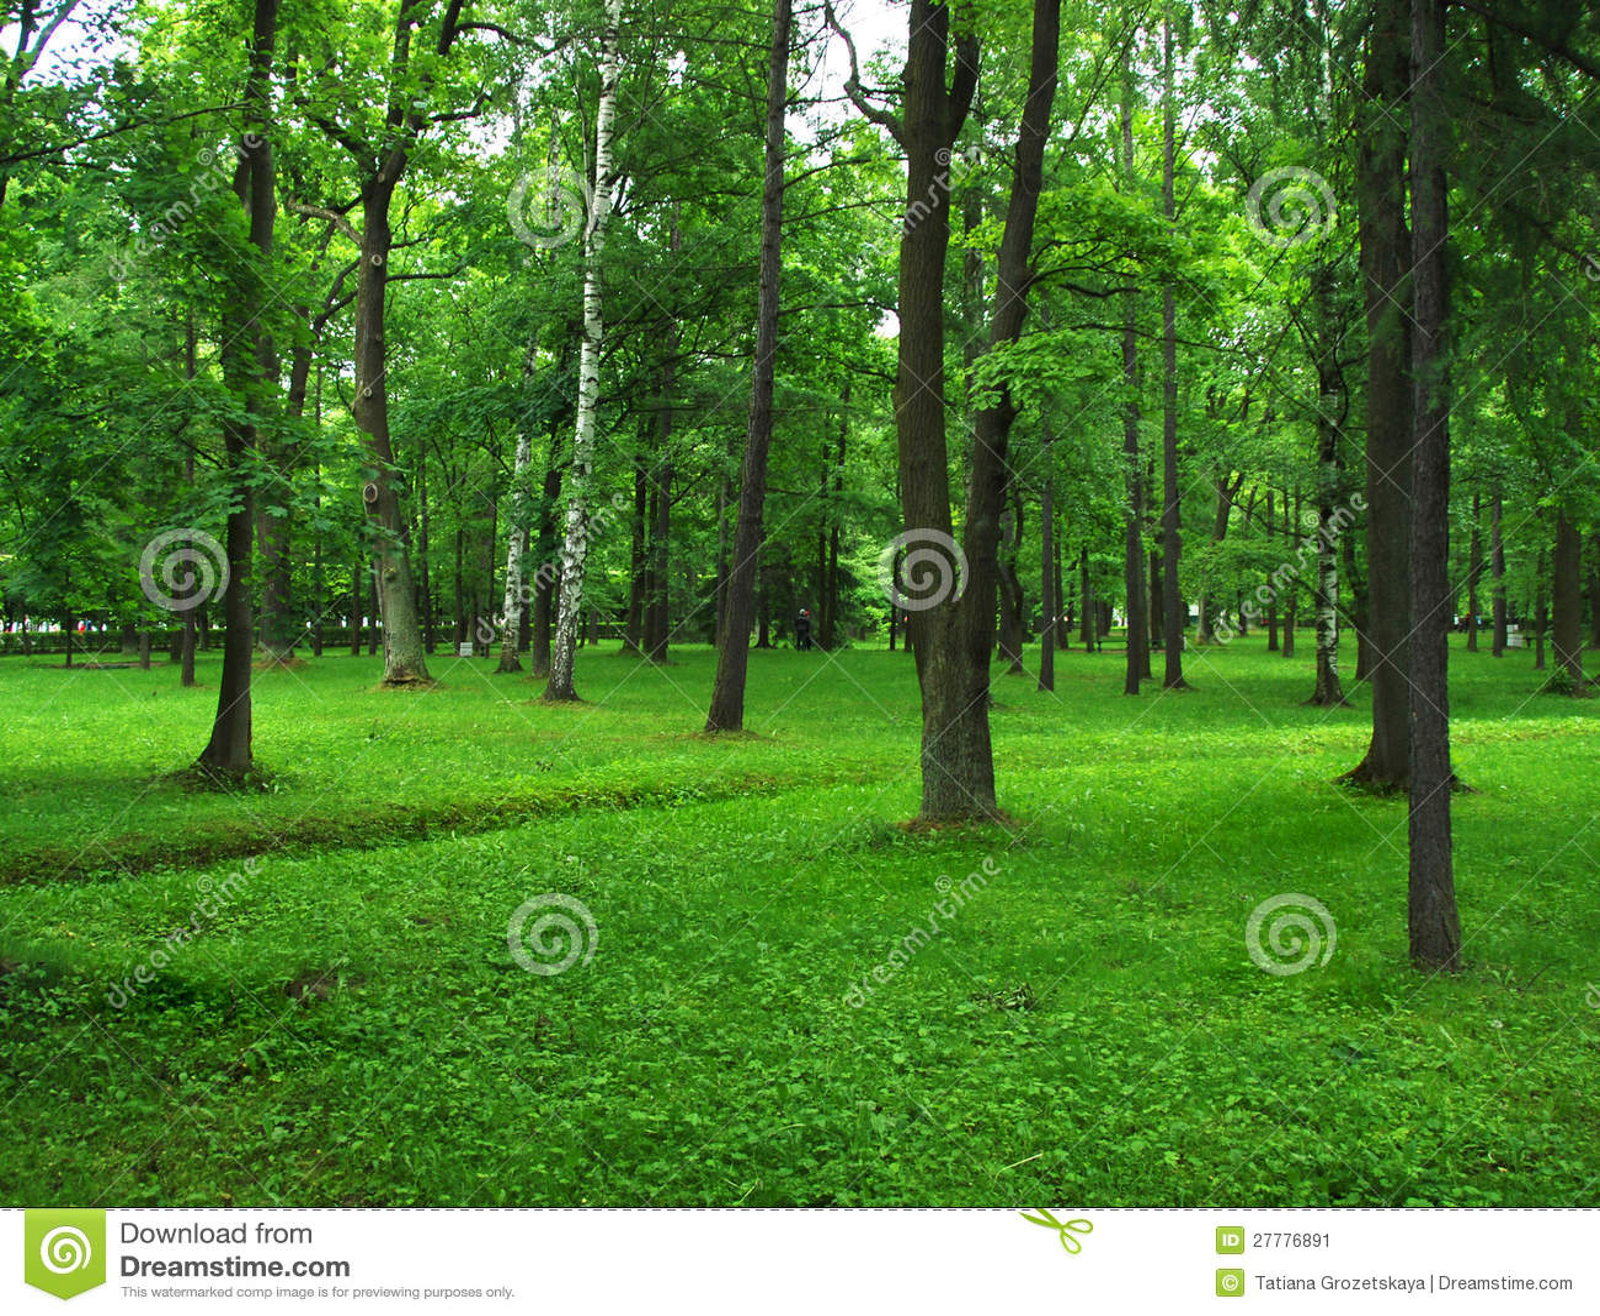 绿色公园,夏天森林,草草甸和结构树.图片